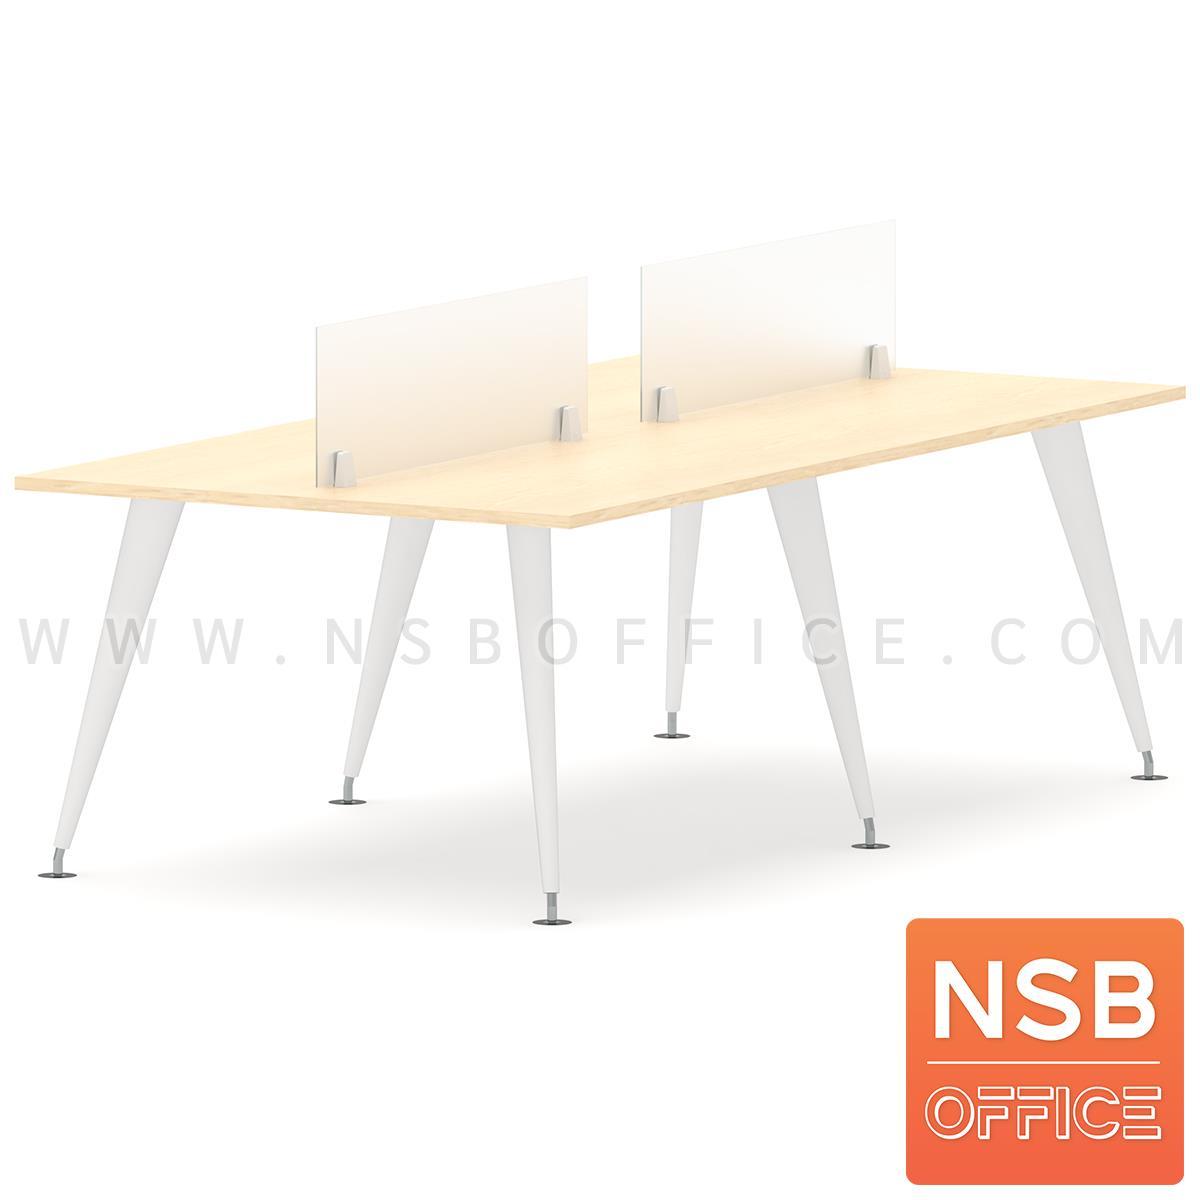 ชุดโต๊ะทำงานกลุ่ม 4 ที่นั่ง รุ่น Maroon ll (มารูน 2) ขนาด 240W*120D cm. พร้อมมินิสกรีนด้านหน้า